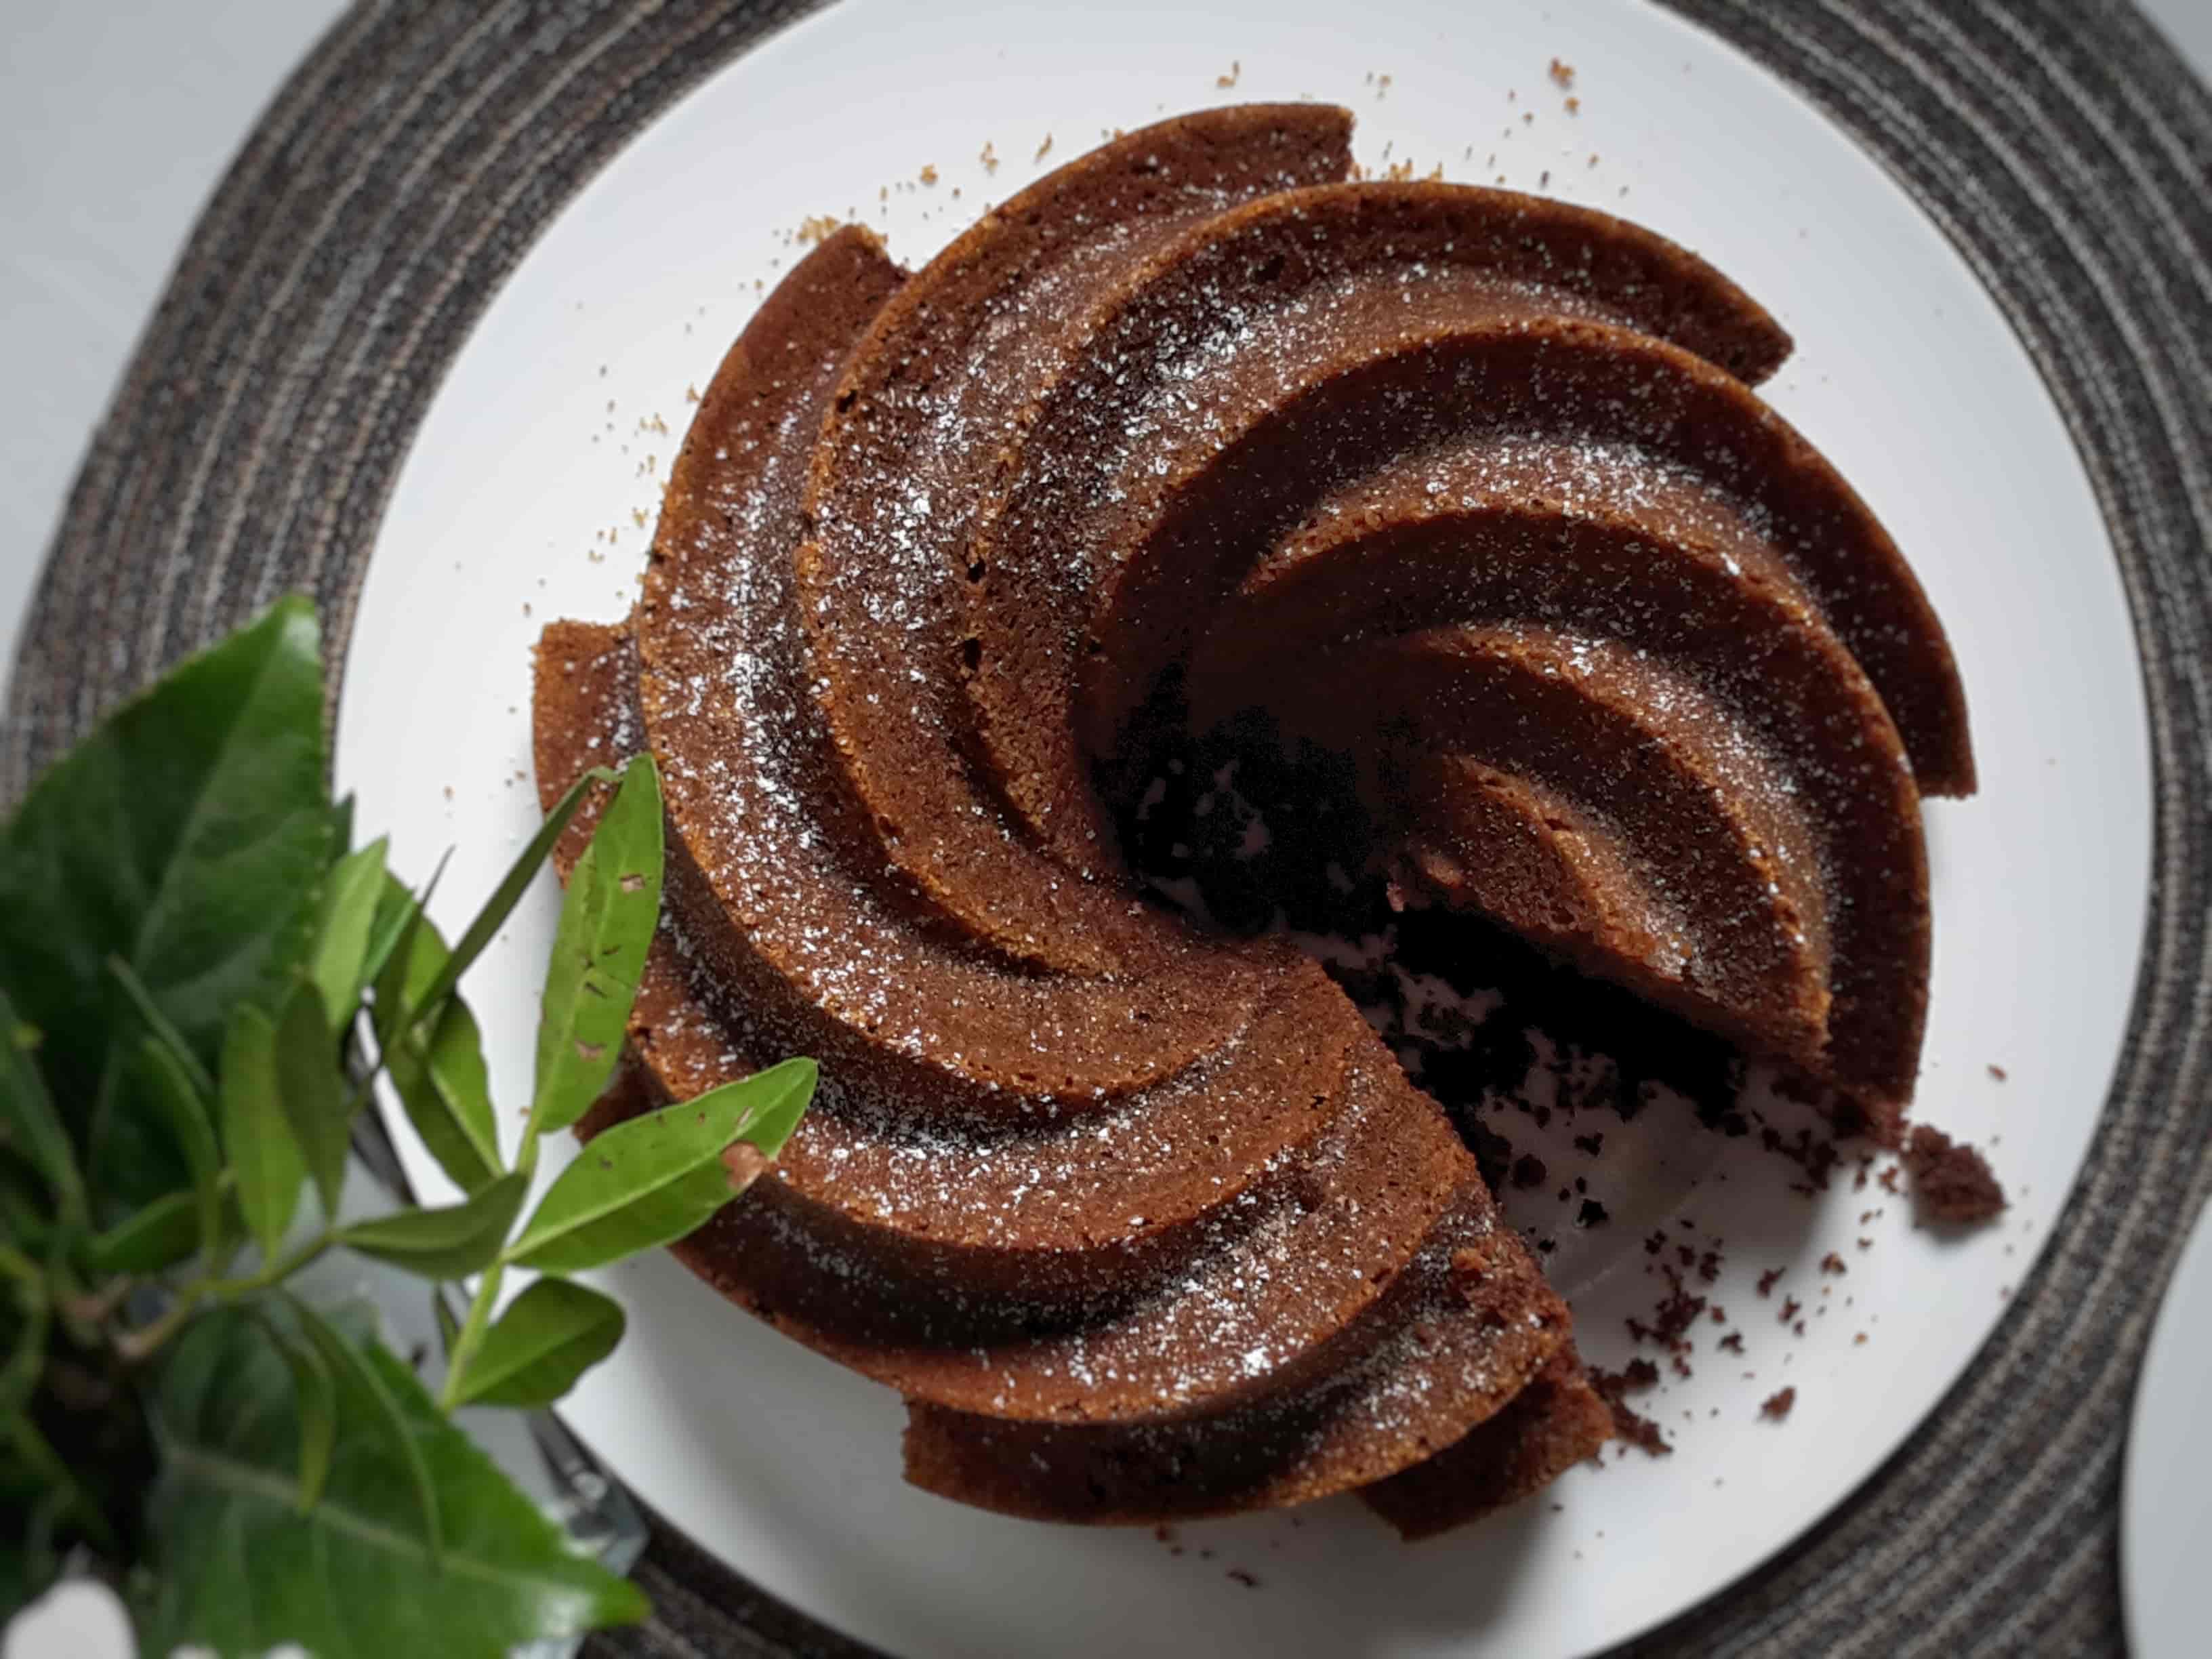 Kaffee Und Kuchen Wir Backen Einen Kaffee Kuchen Libo Kaffee